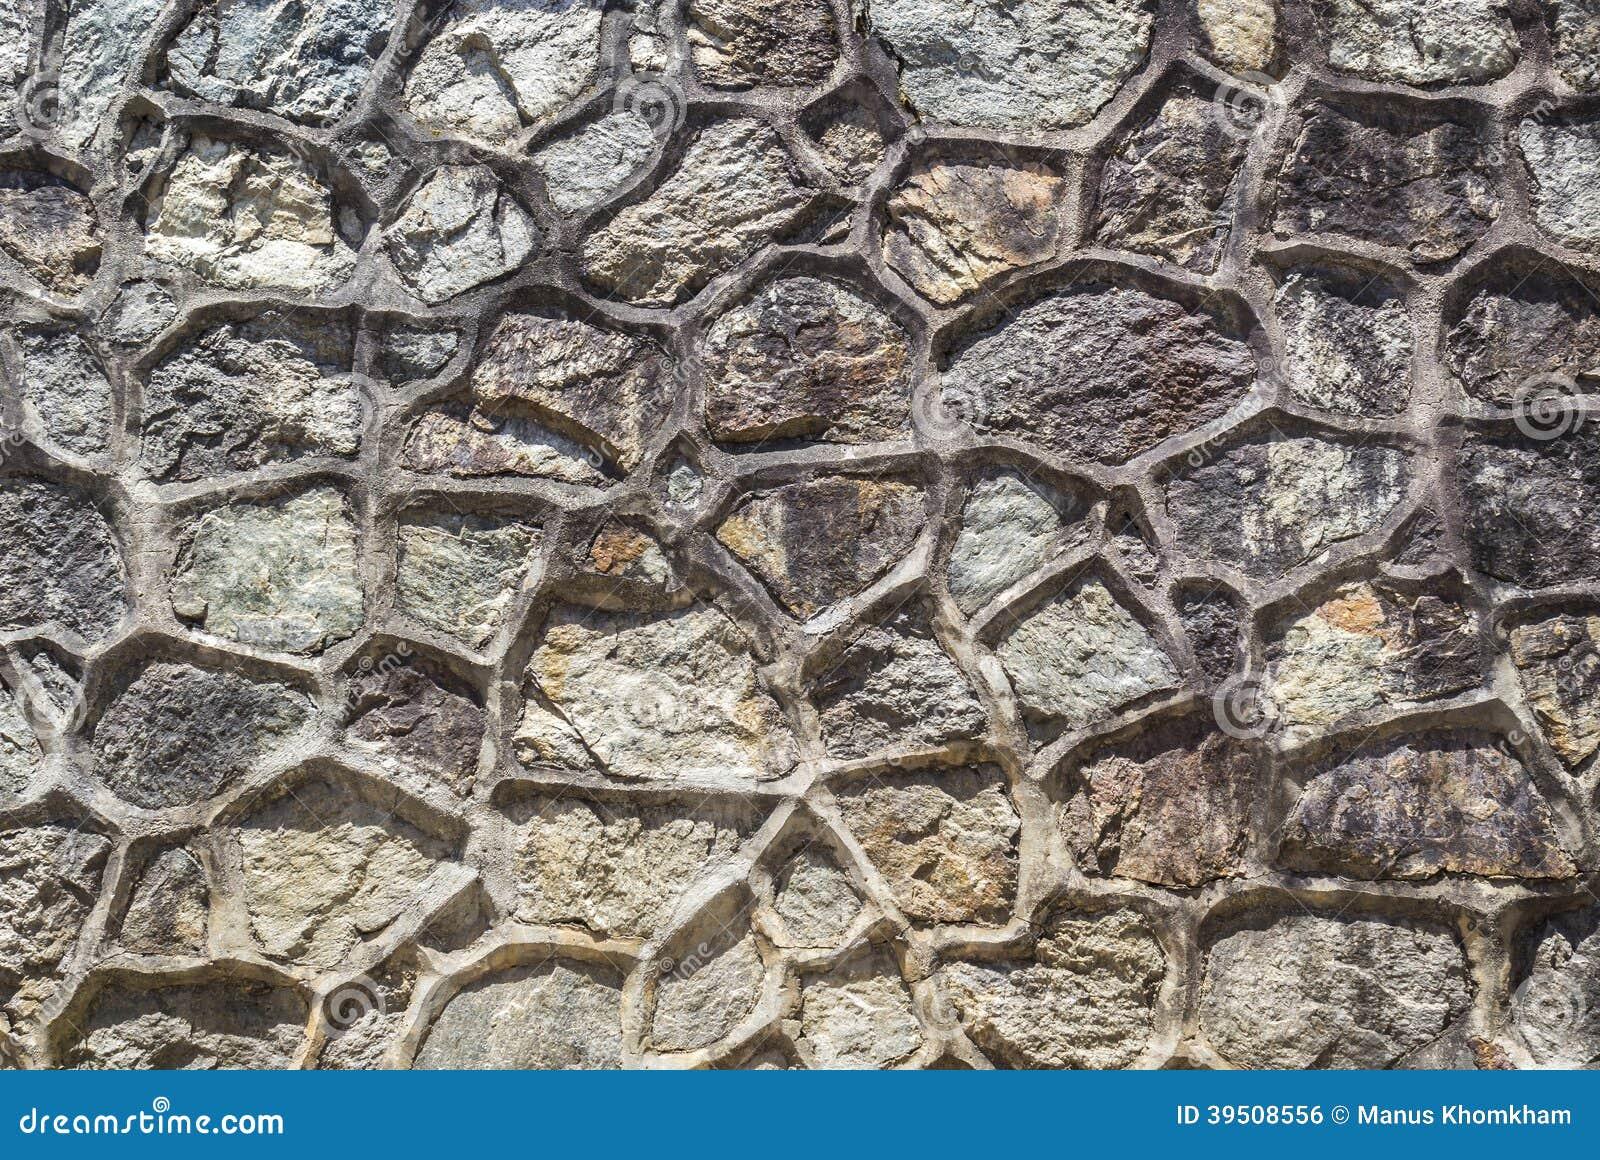 Stone wall bacground